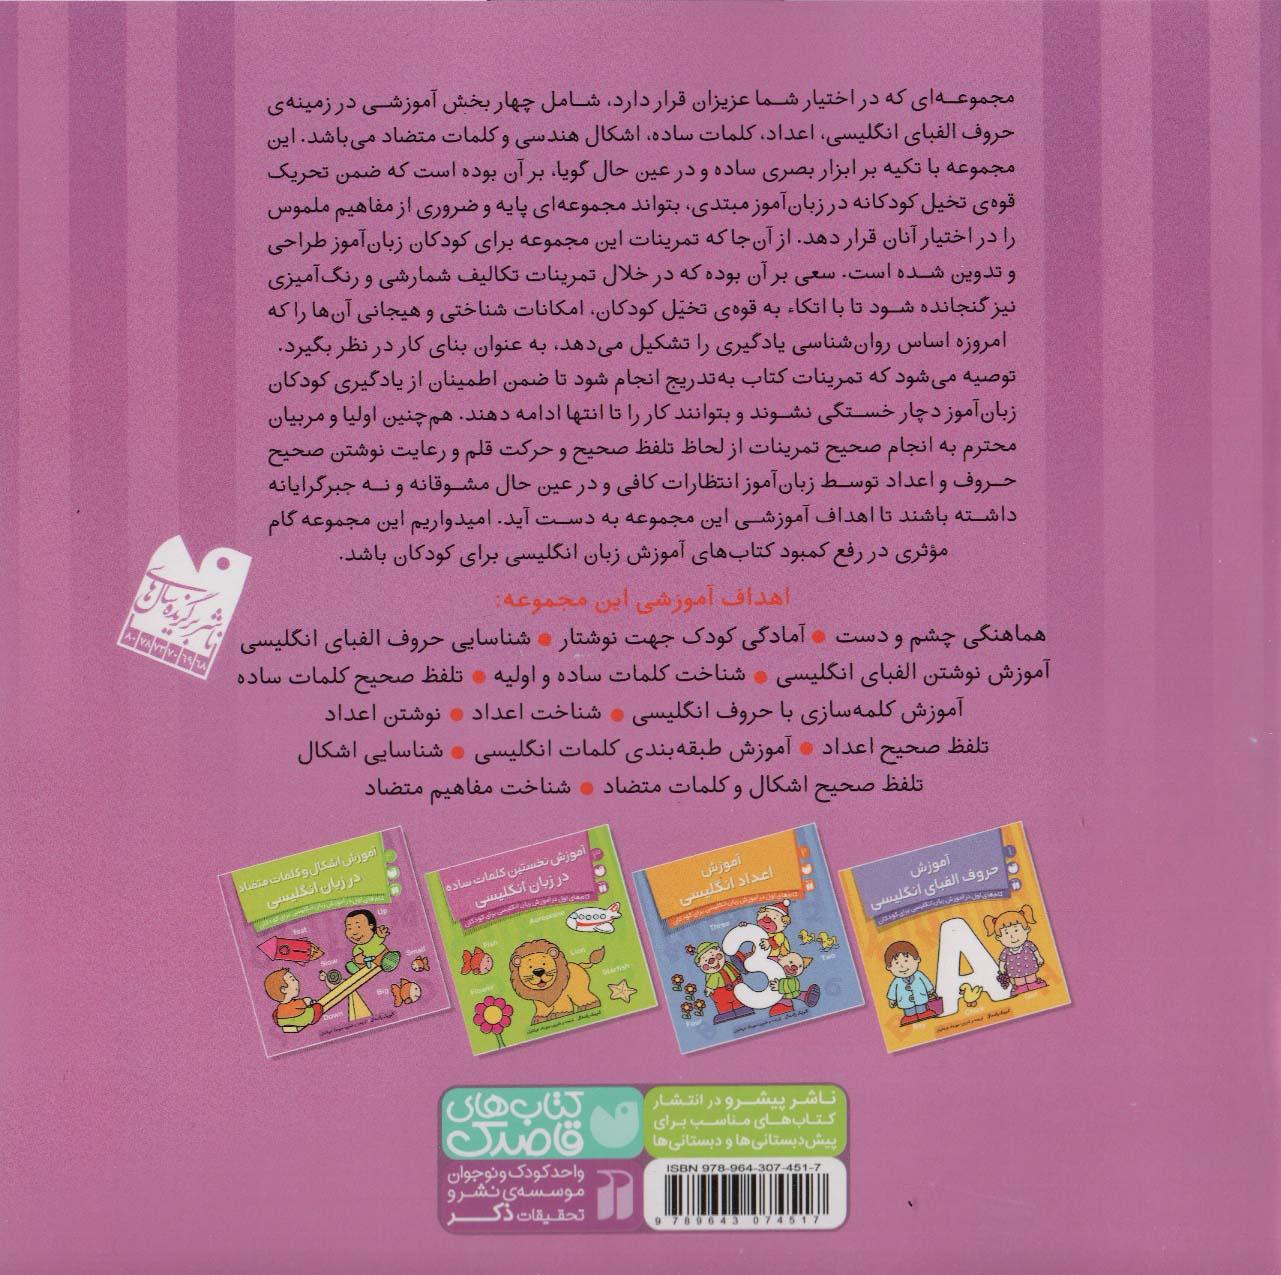 آموزش اشکال و کلمات متضاد در زبان انگلیسی (گام های اول در آموزش زبان انگلیسی برای کودکان 4)